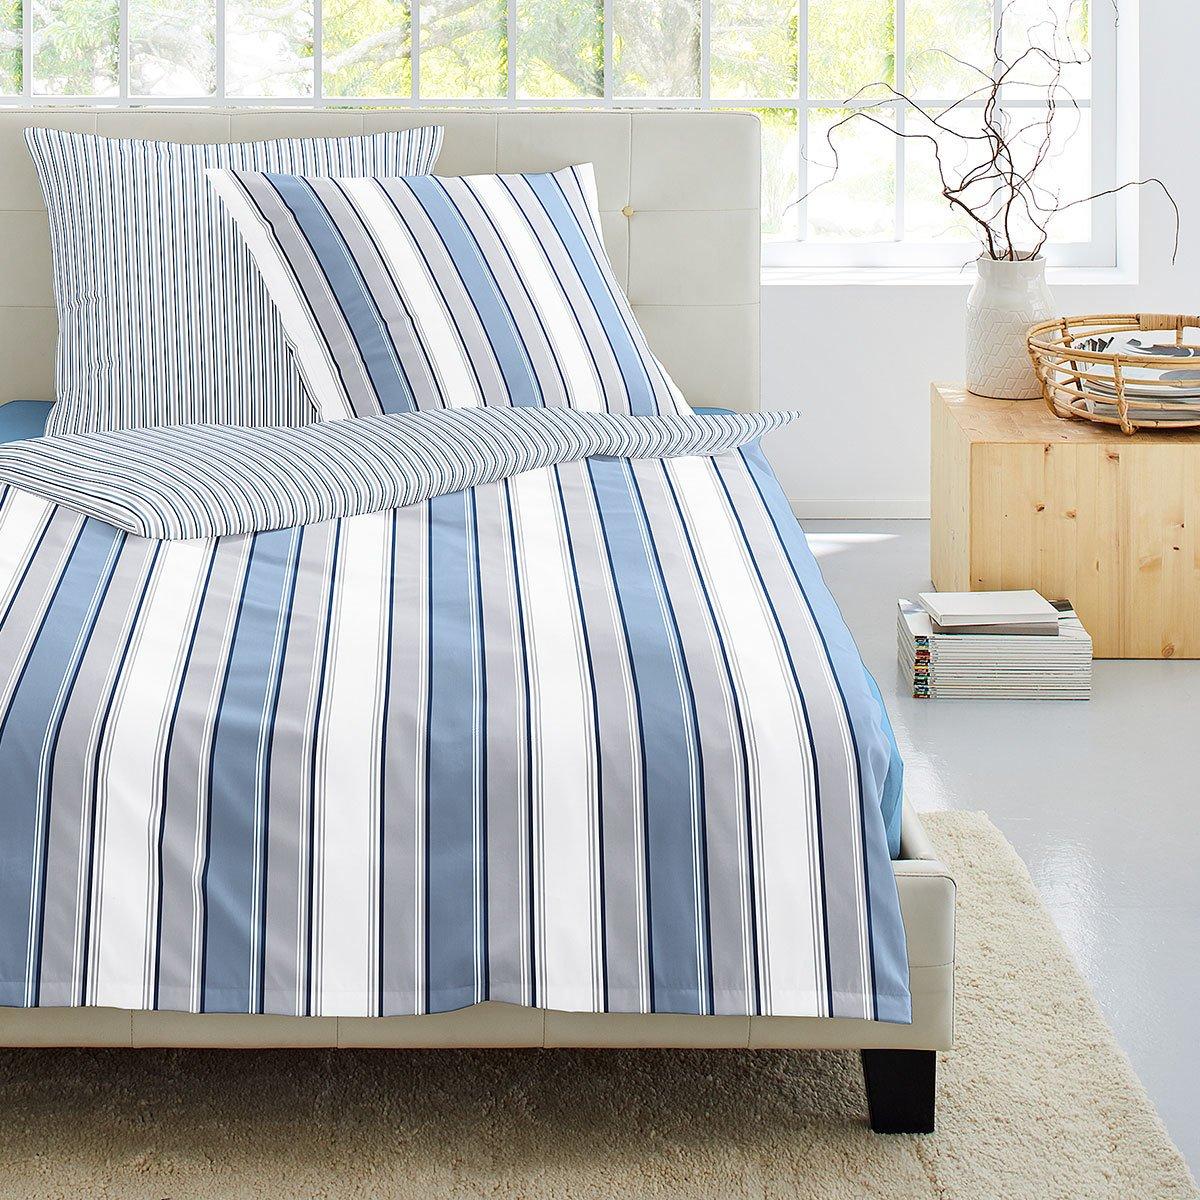 irisette mako satin bettw sche sol k 8745 20 g nstig online kaufen bei bettwaren shop. Black Bedroom Furniture Sets. Home Design Ideas